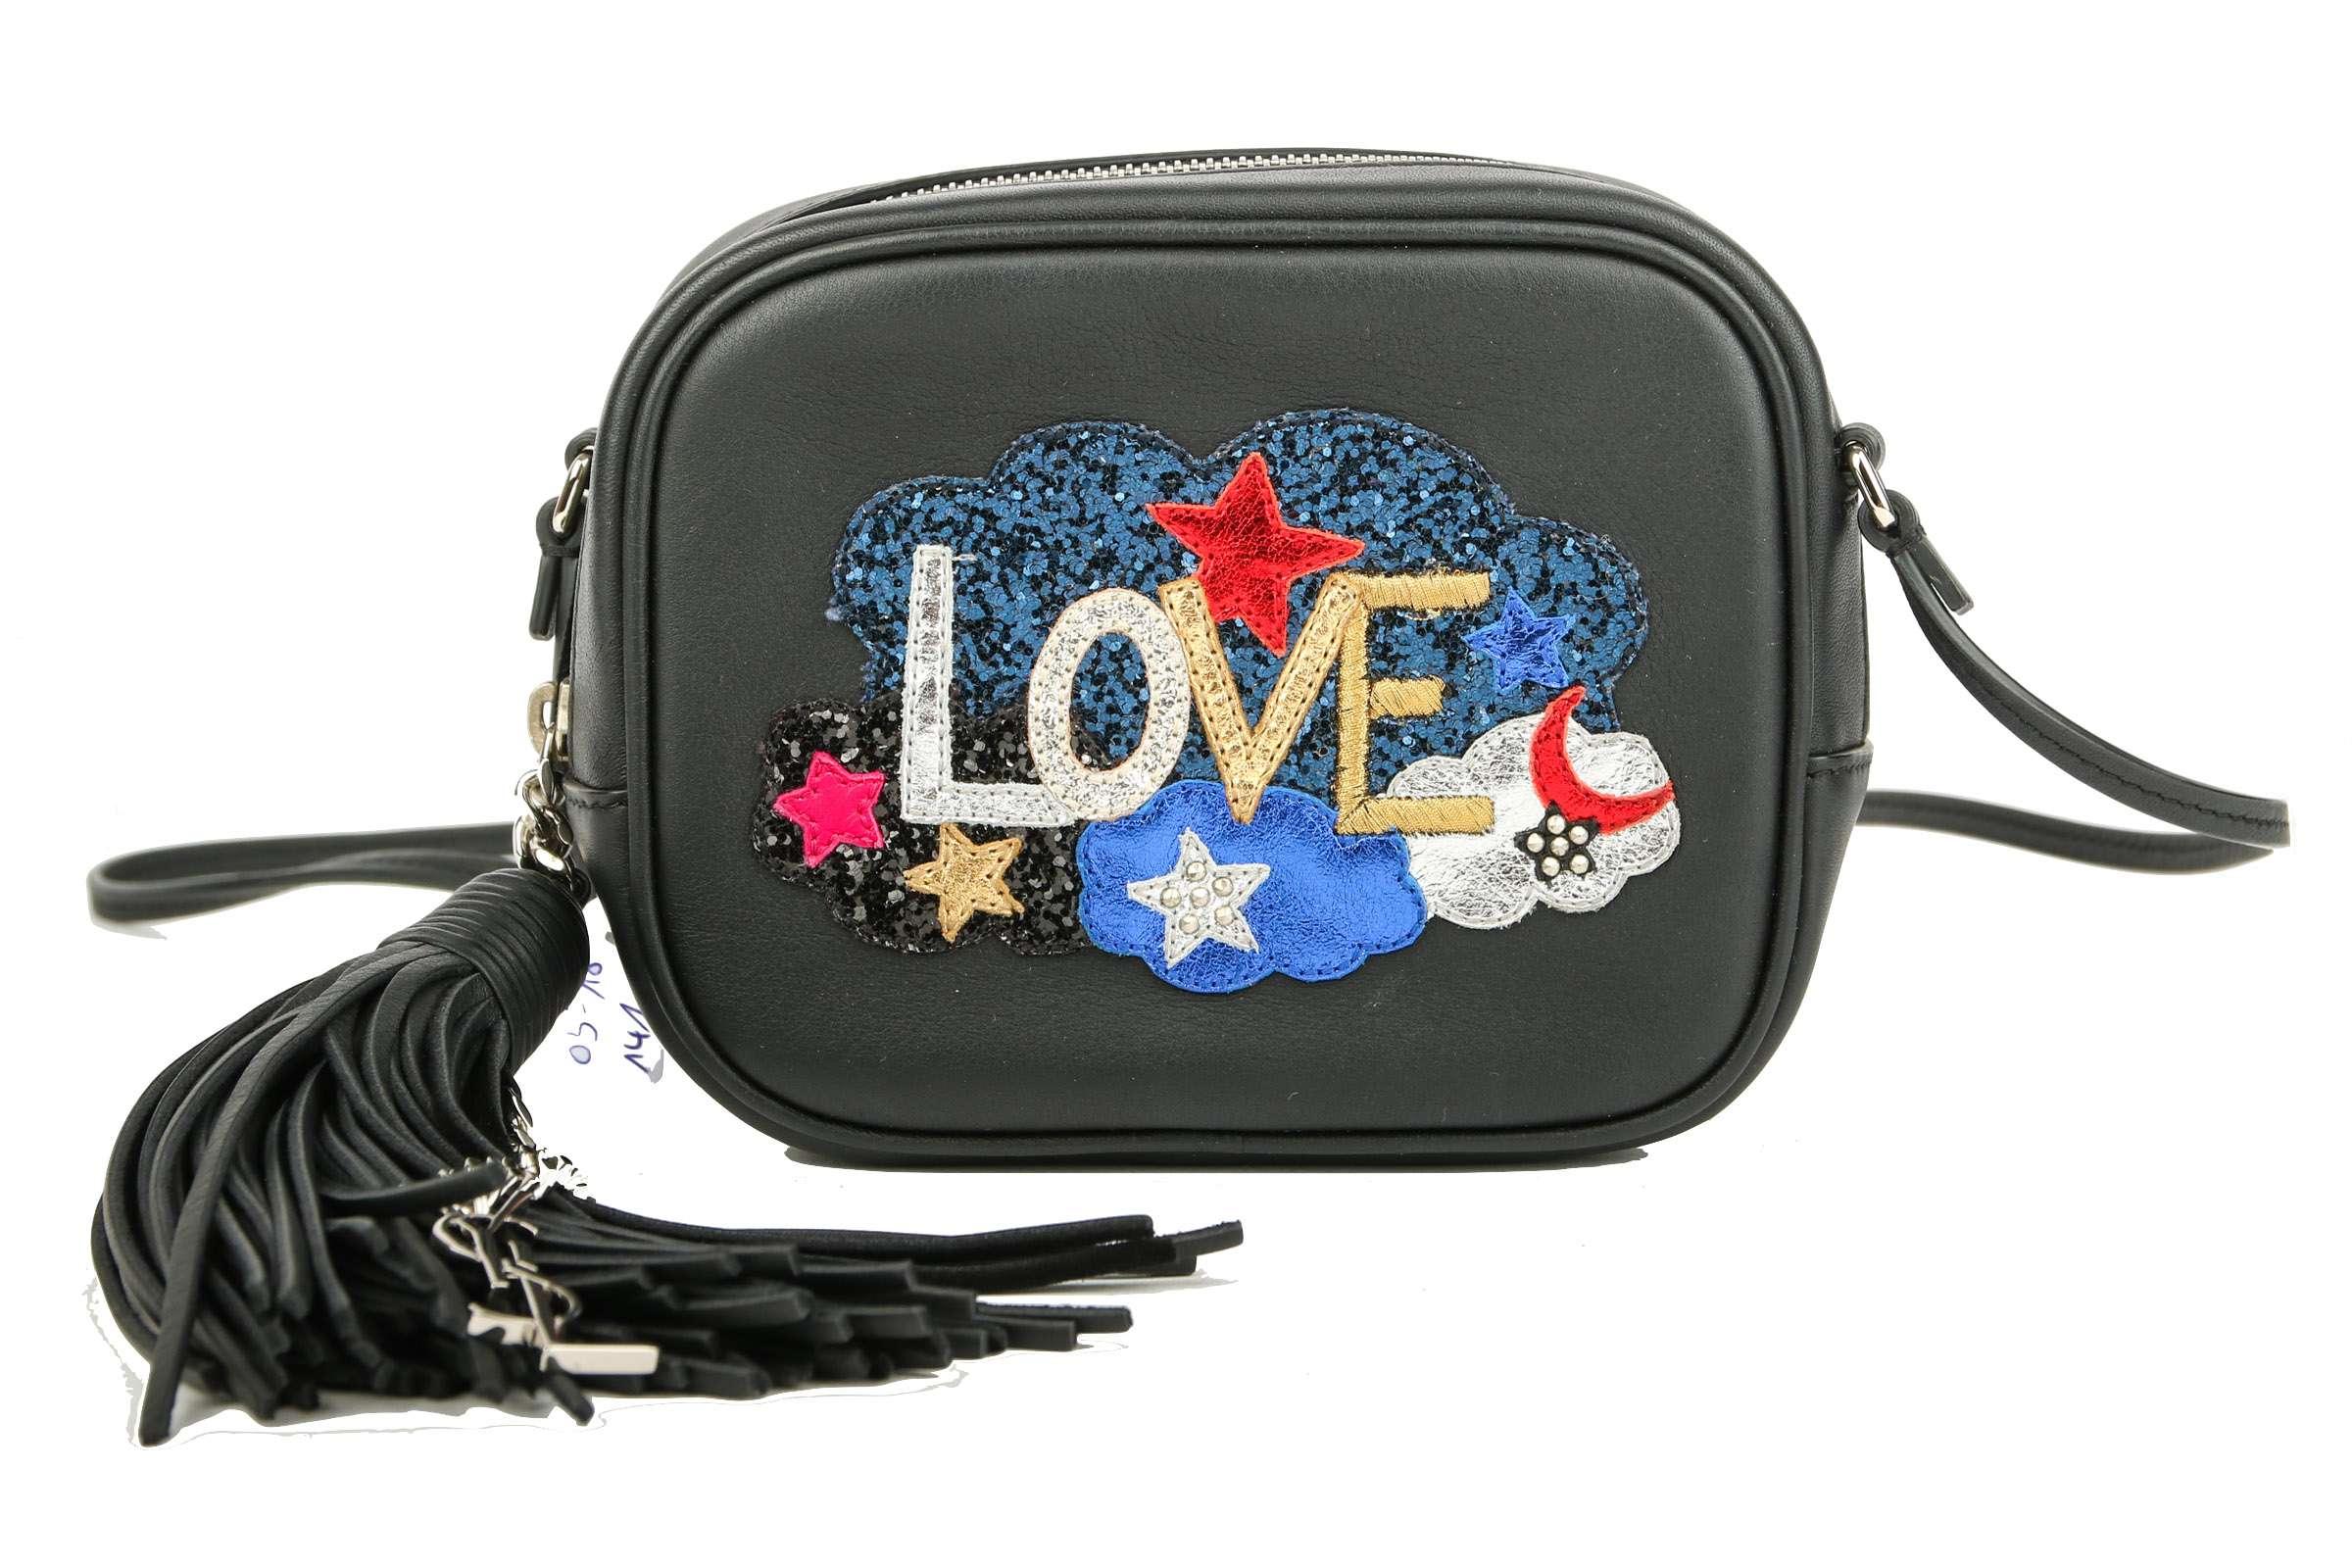 Saint Laurent Blogger Bag Love Patch Black